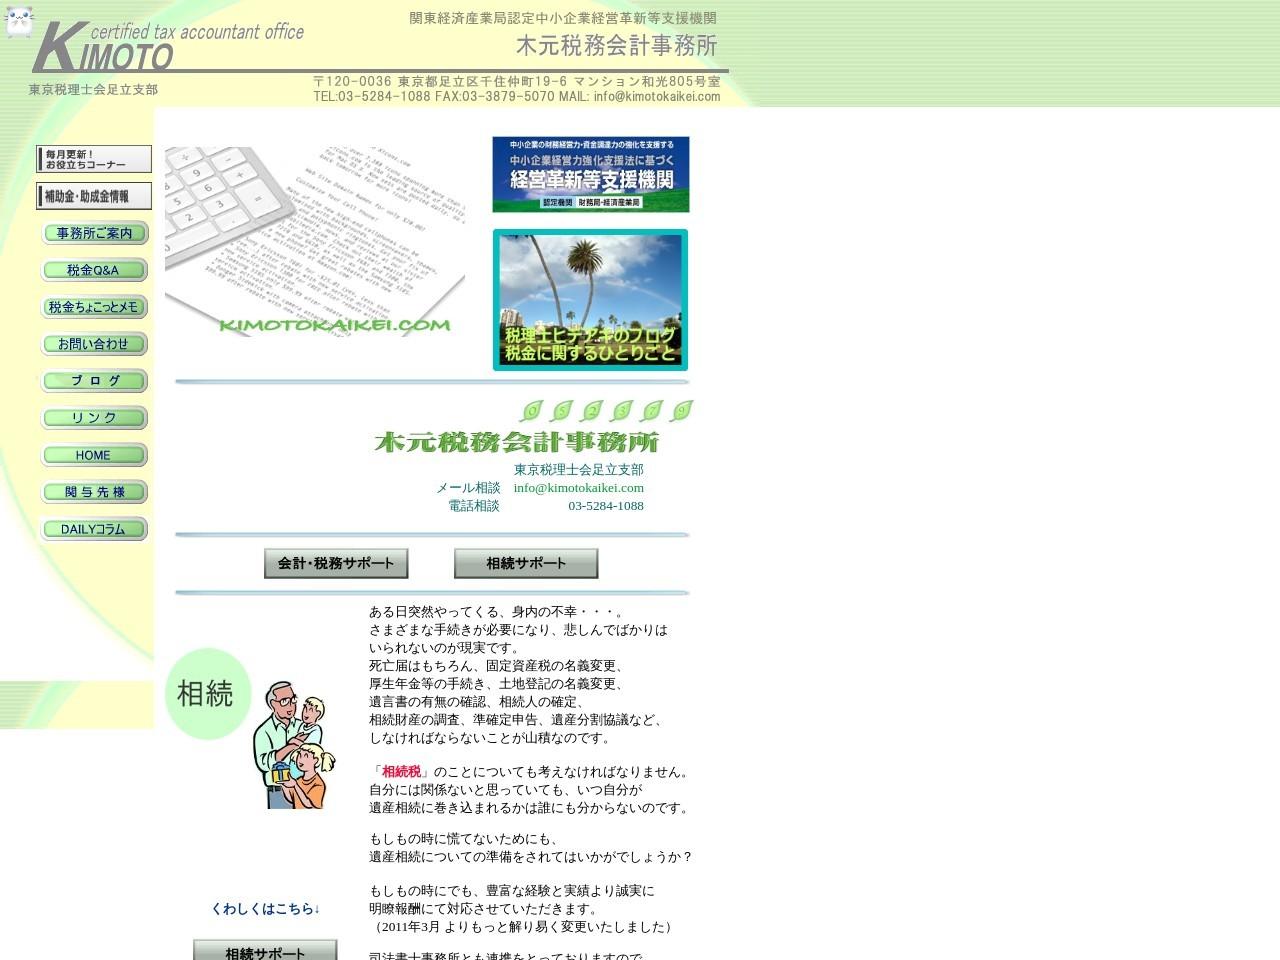 木元英明税理士事務所